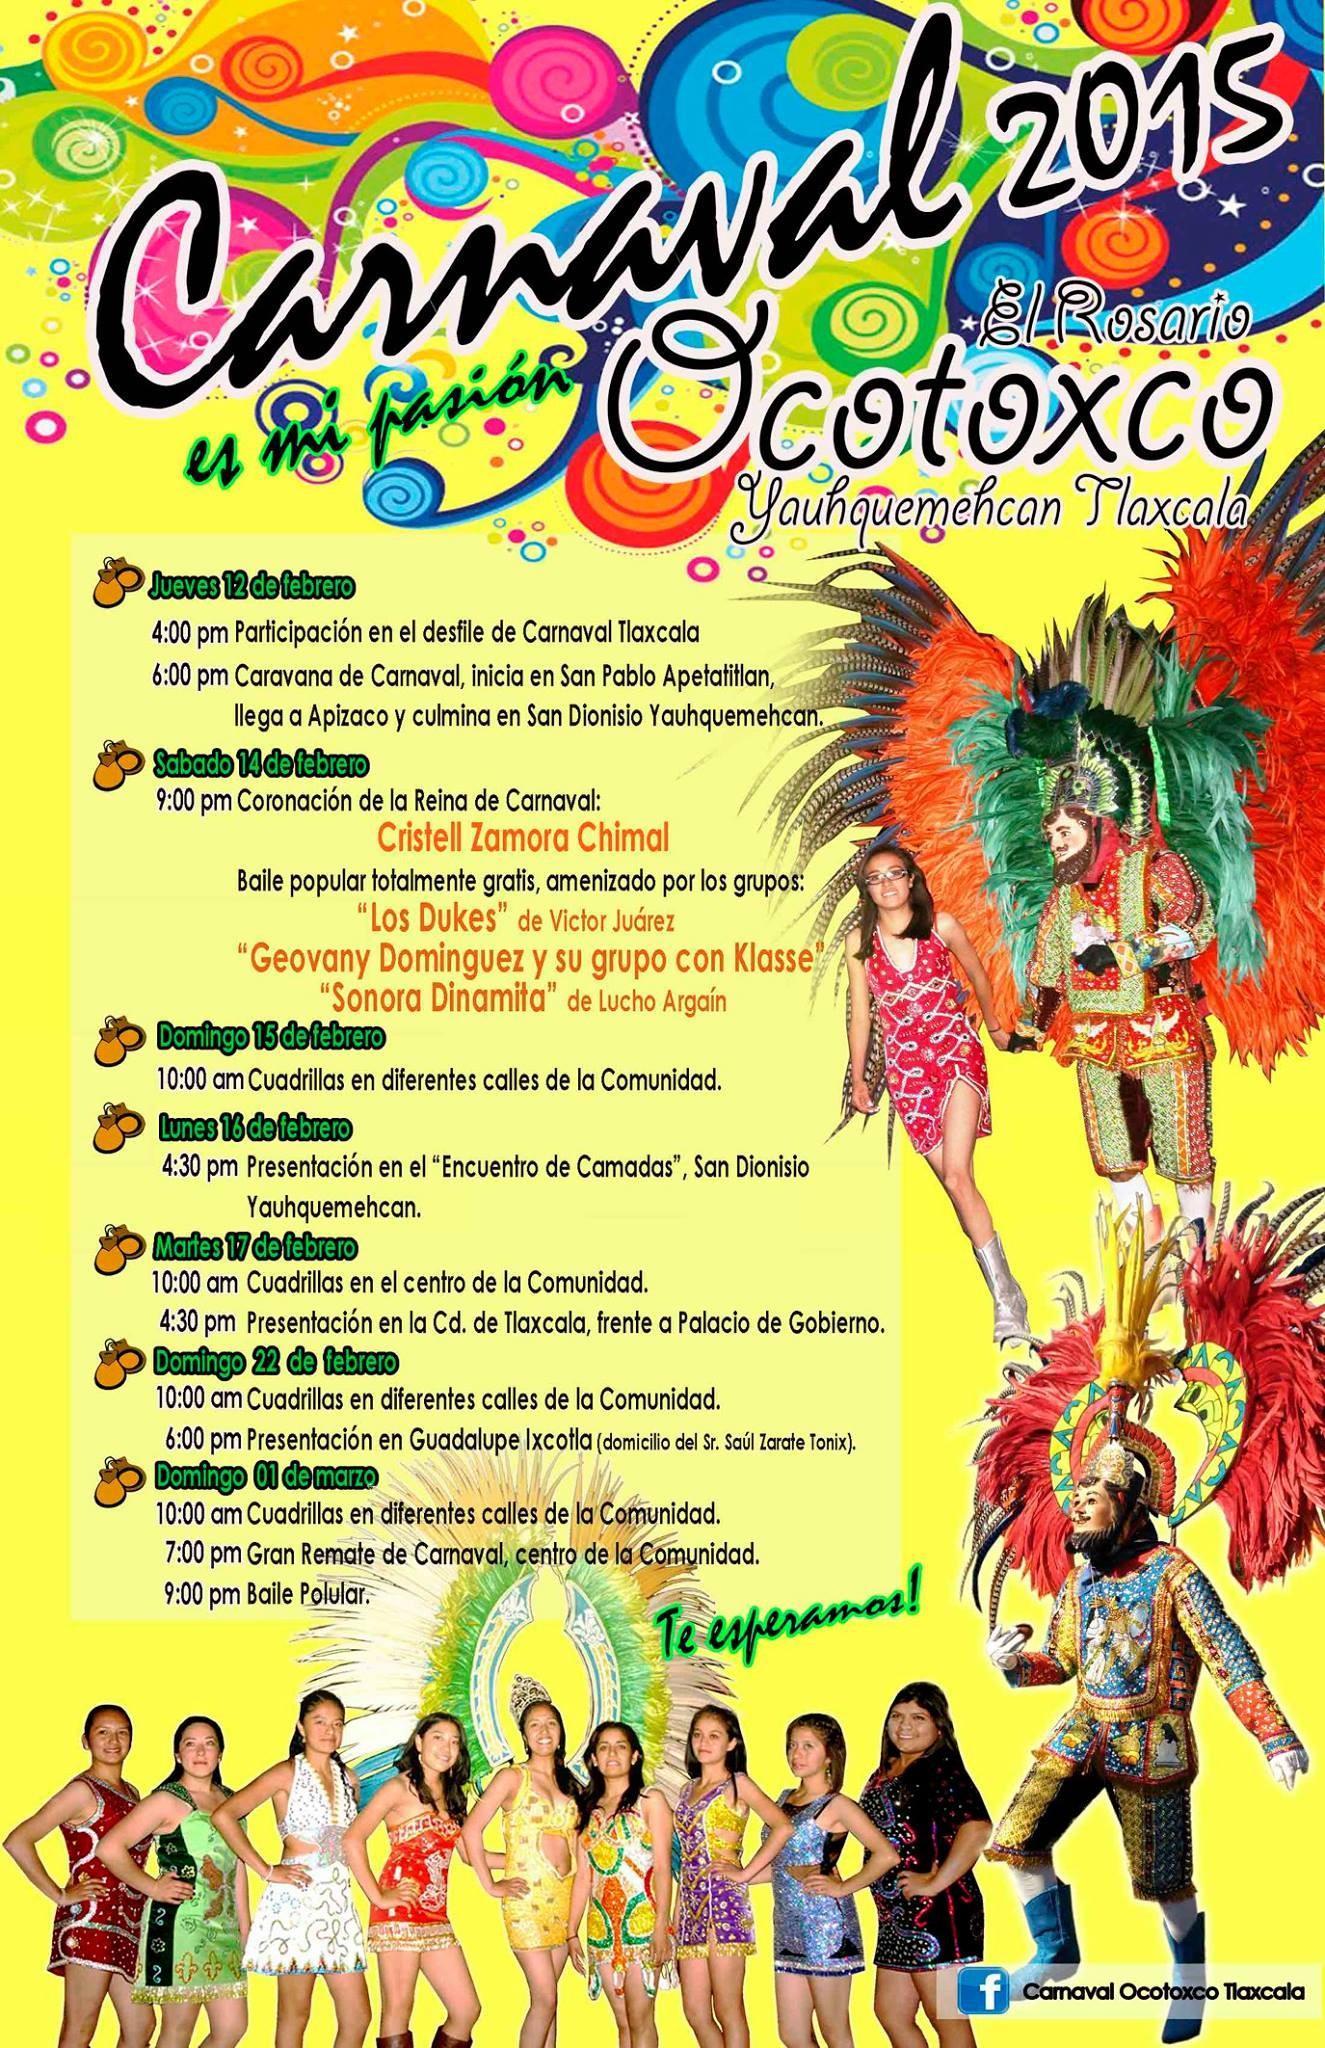 Programa Carnaval Tlaxcala 2015 Ocotoxco 2015